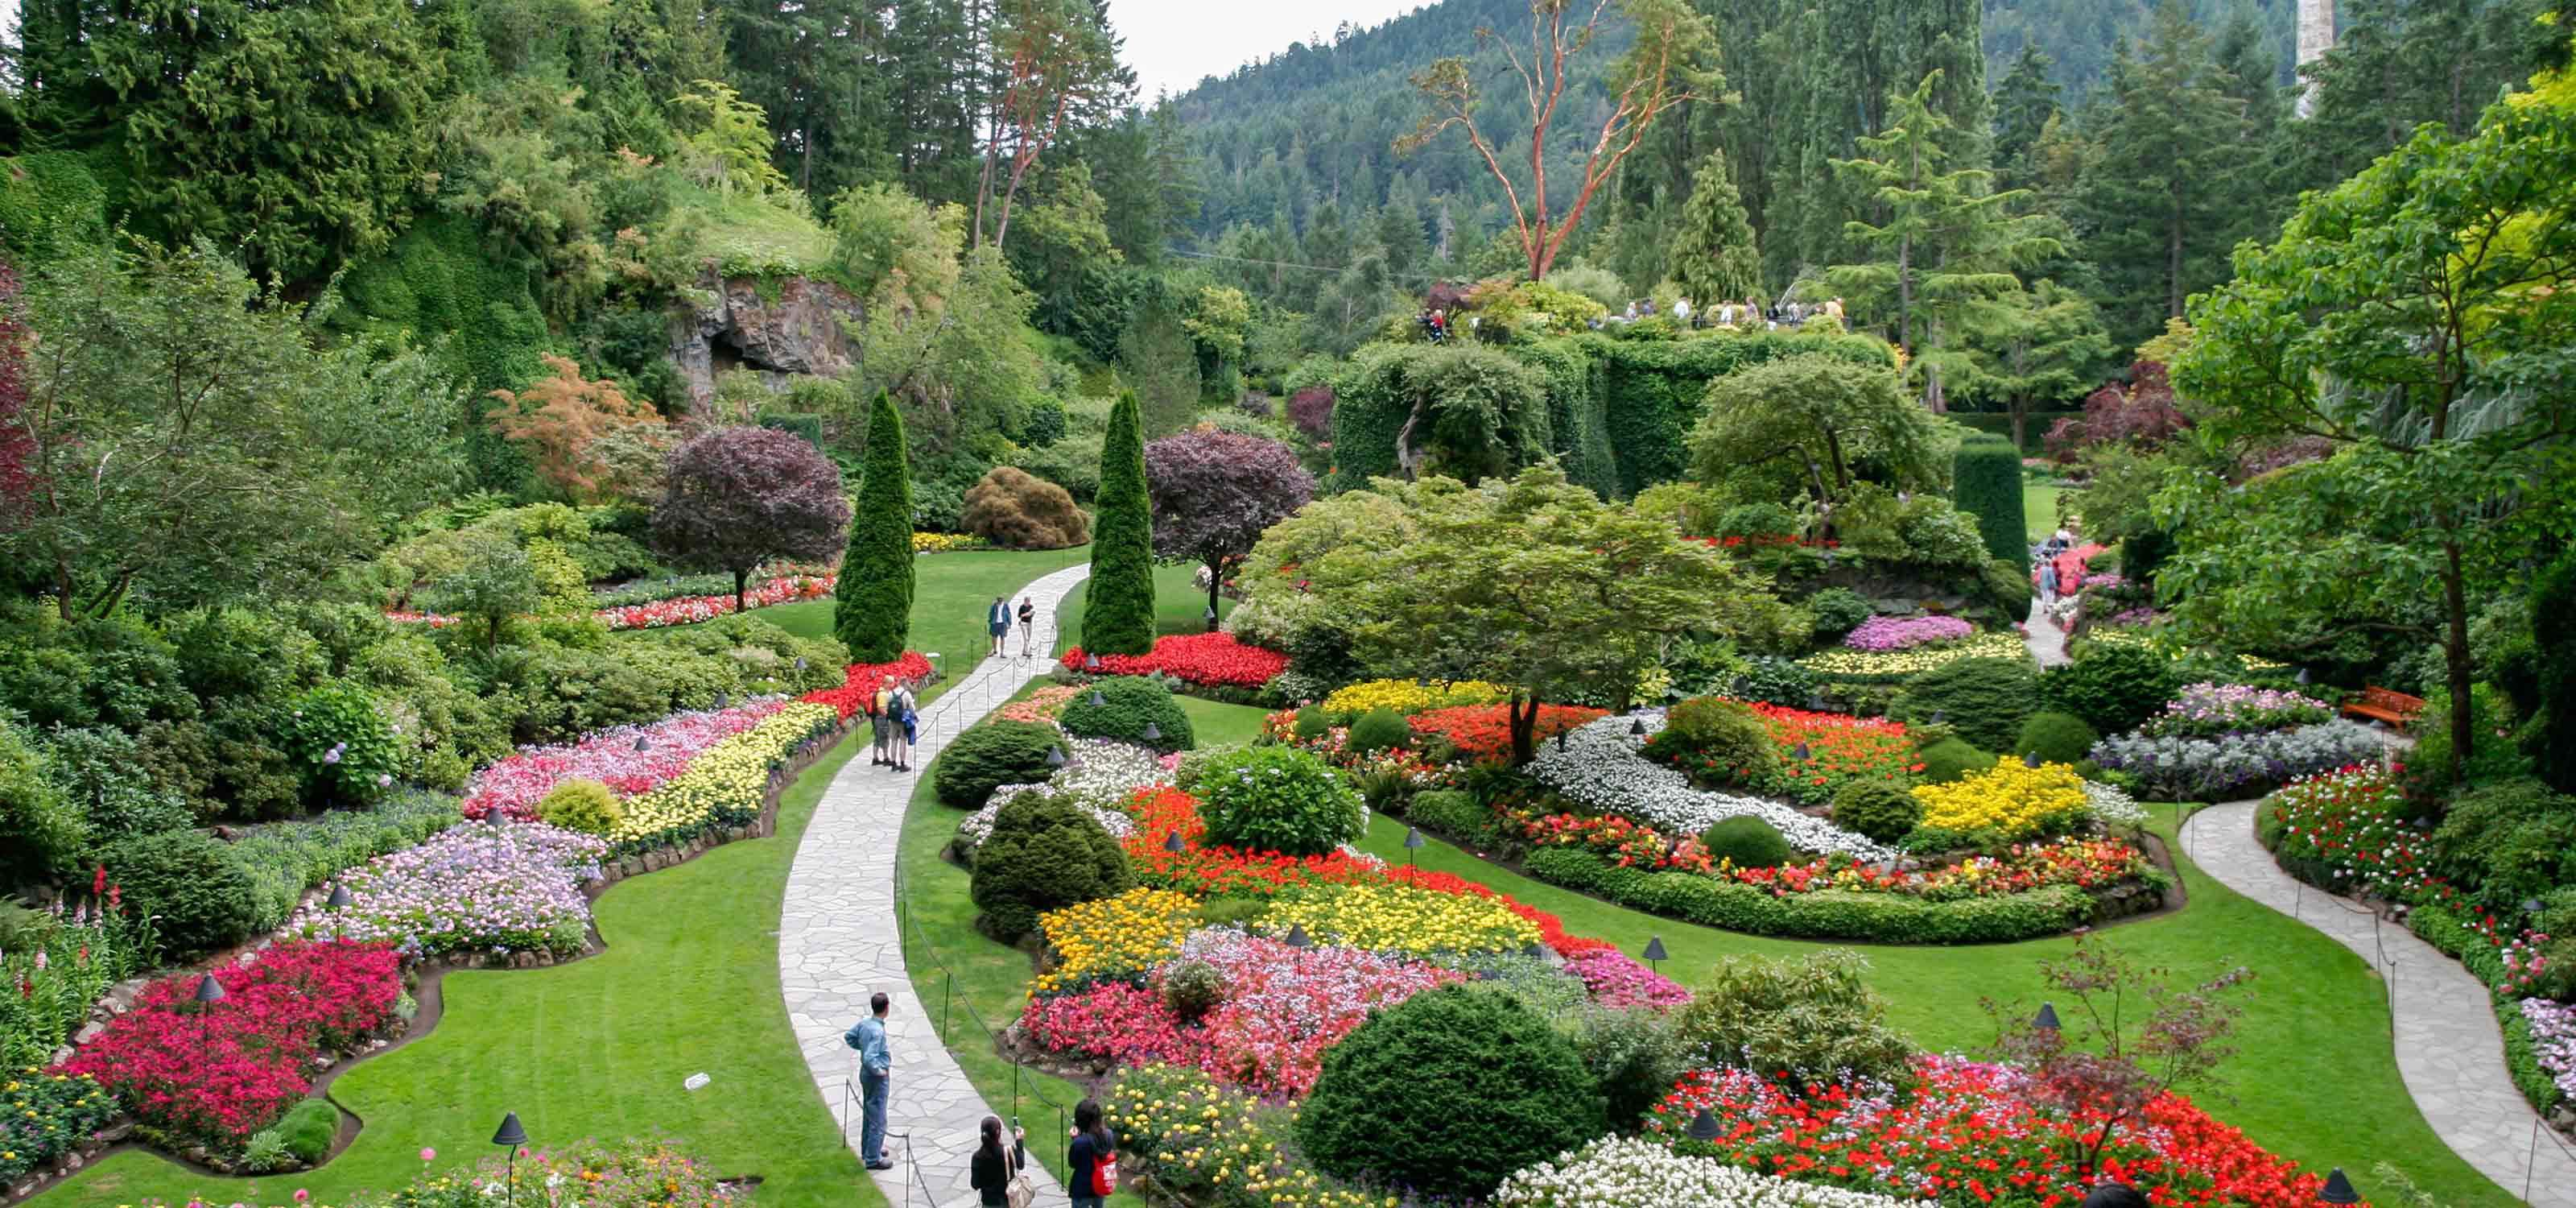 bouchard gardens photo